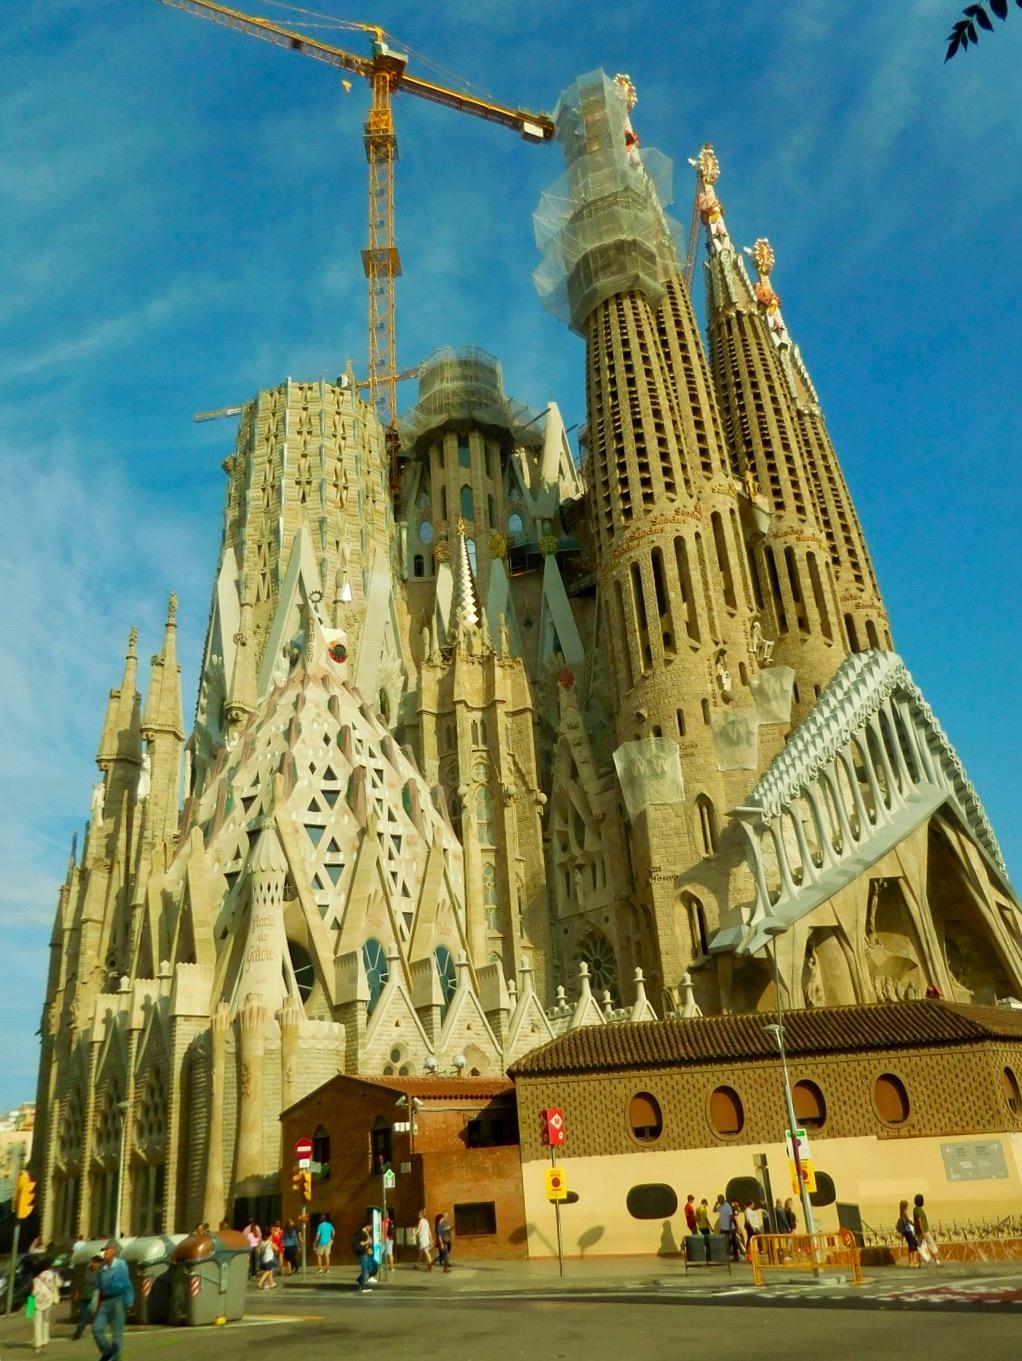 Total-Ansicht der La Sagrada Familie in Barcelona